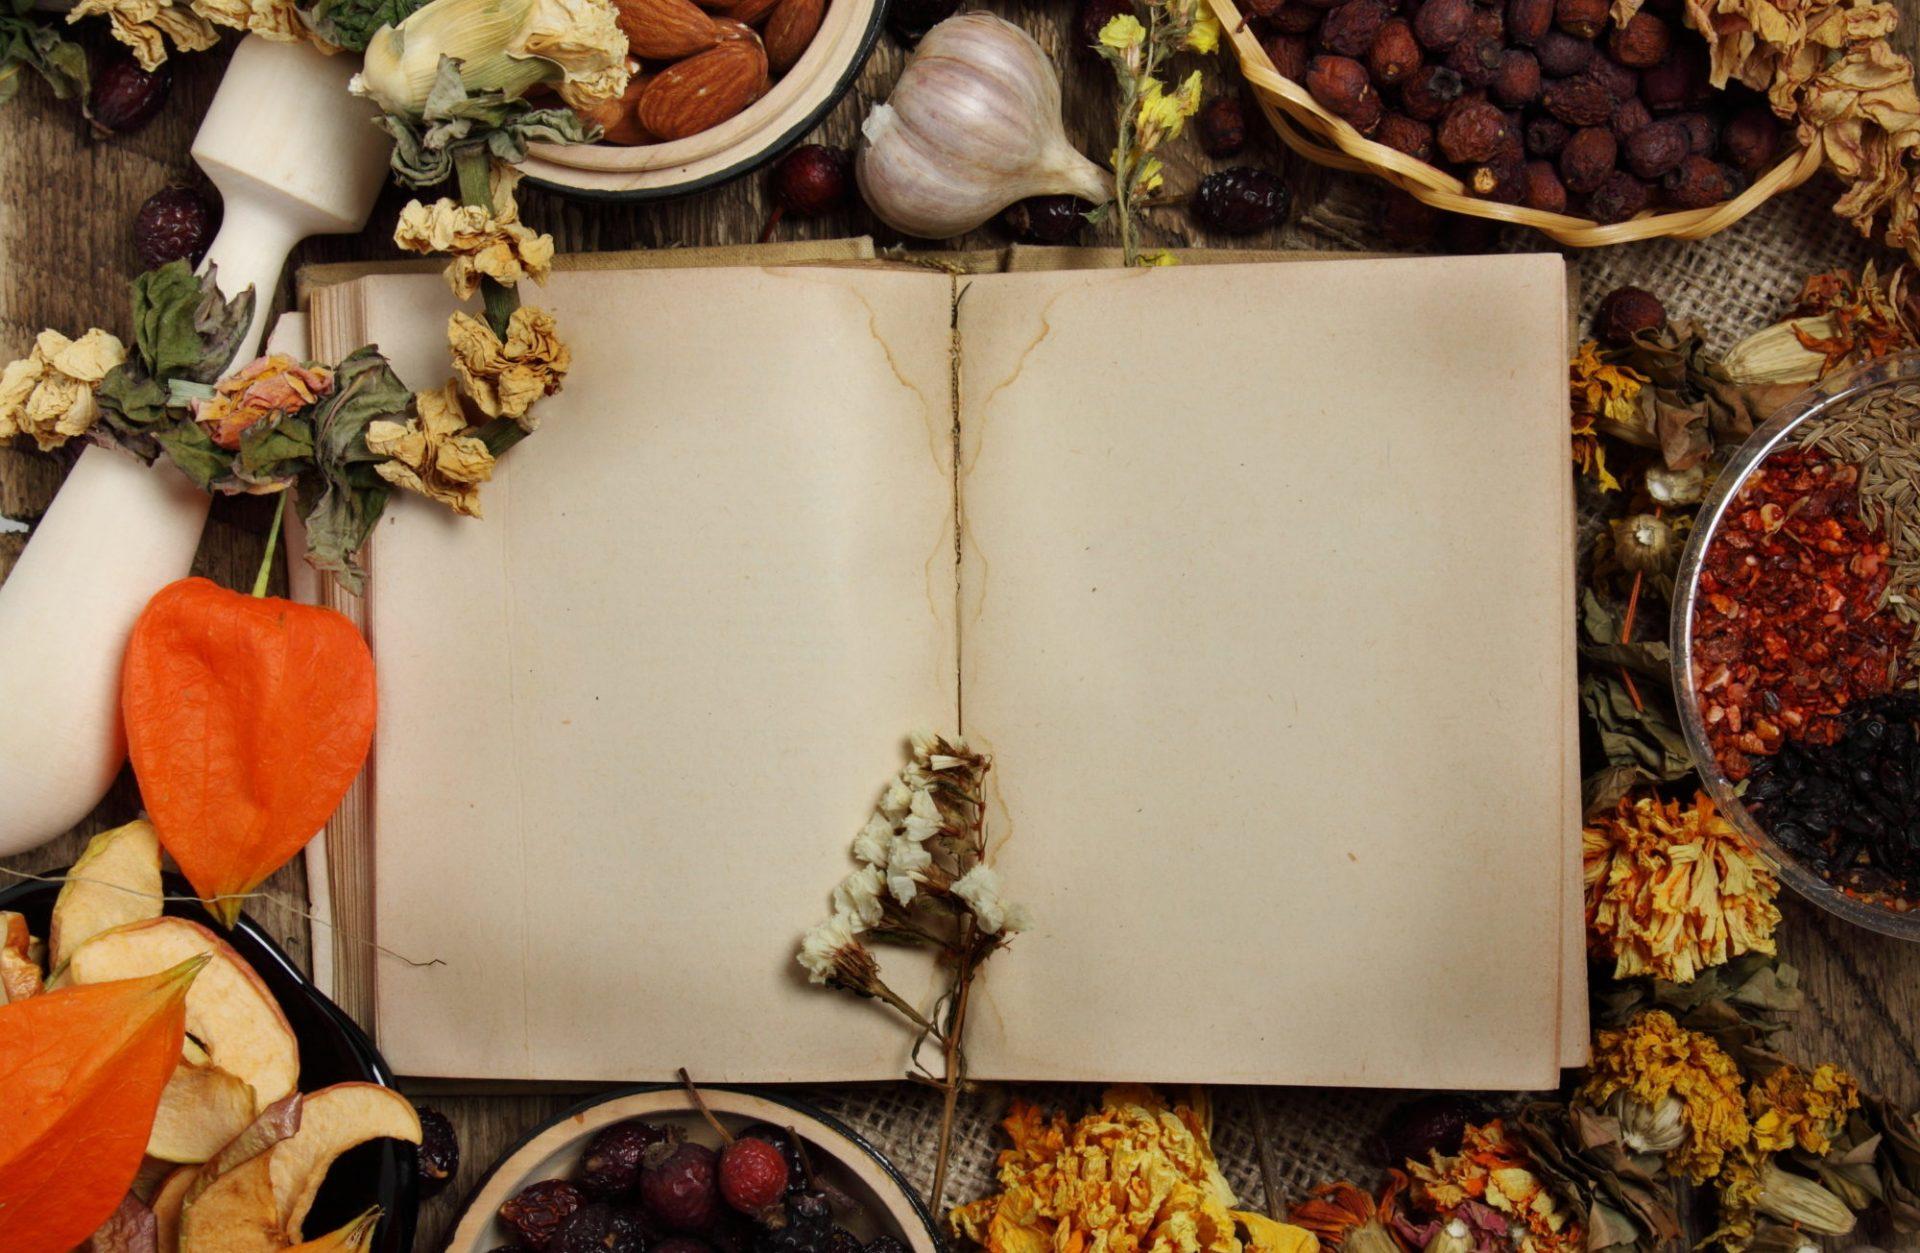 Literatura gastronómica: lecturas que sacian